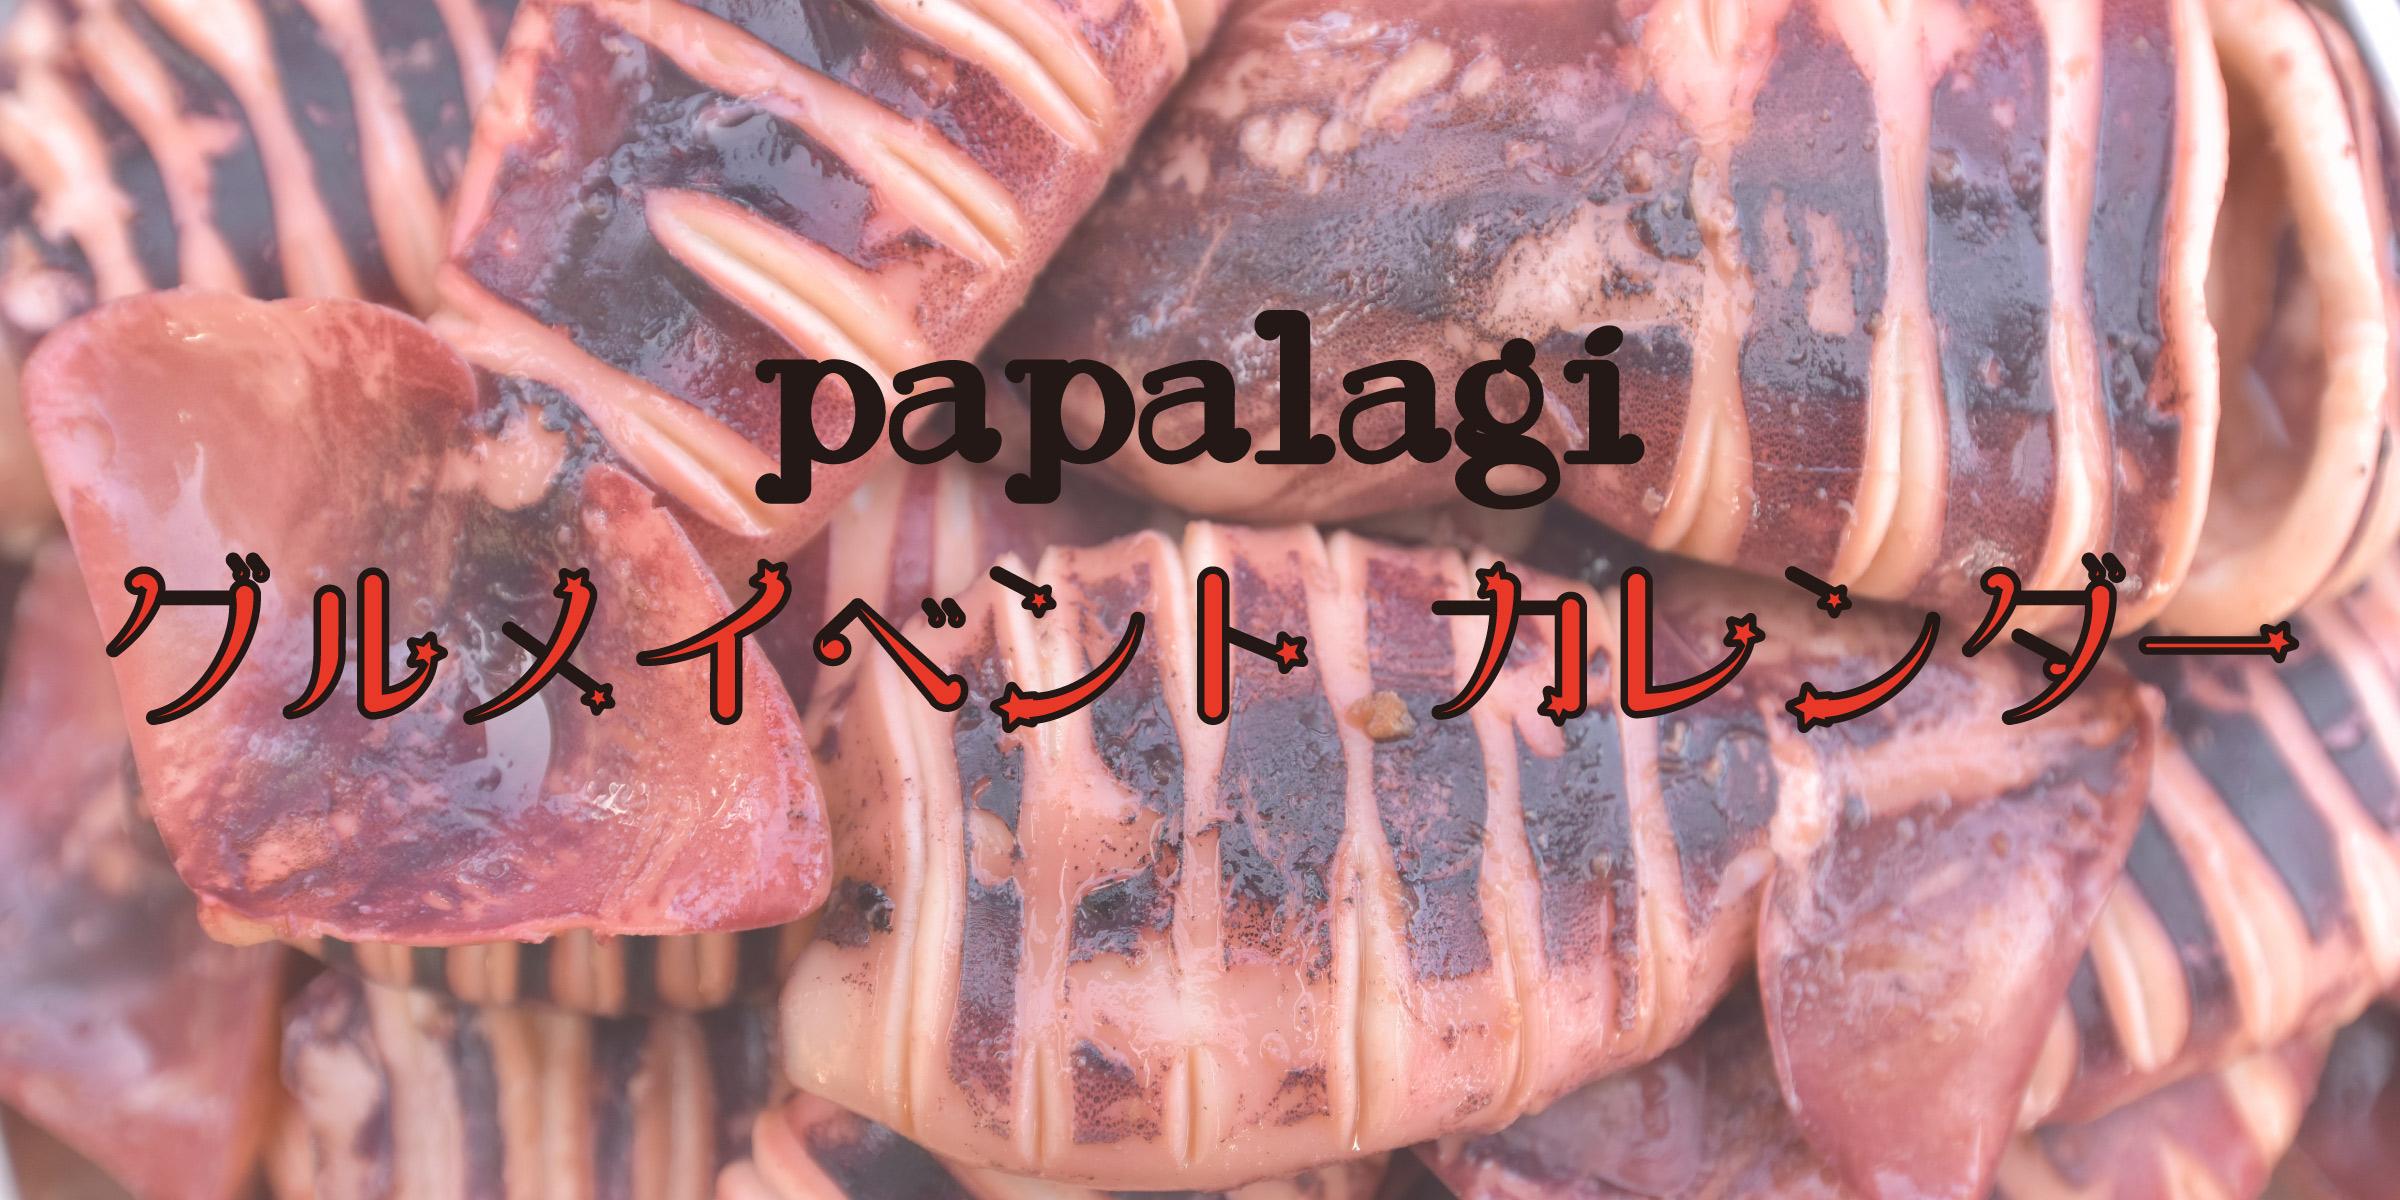 パパラギグルメイベントカレンダー